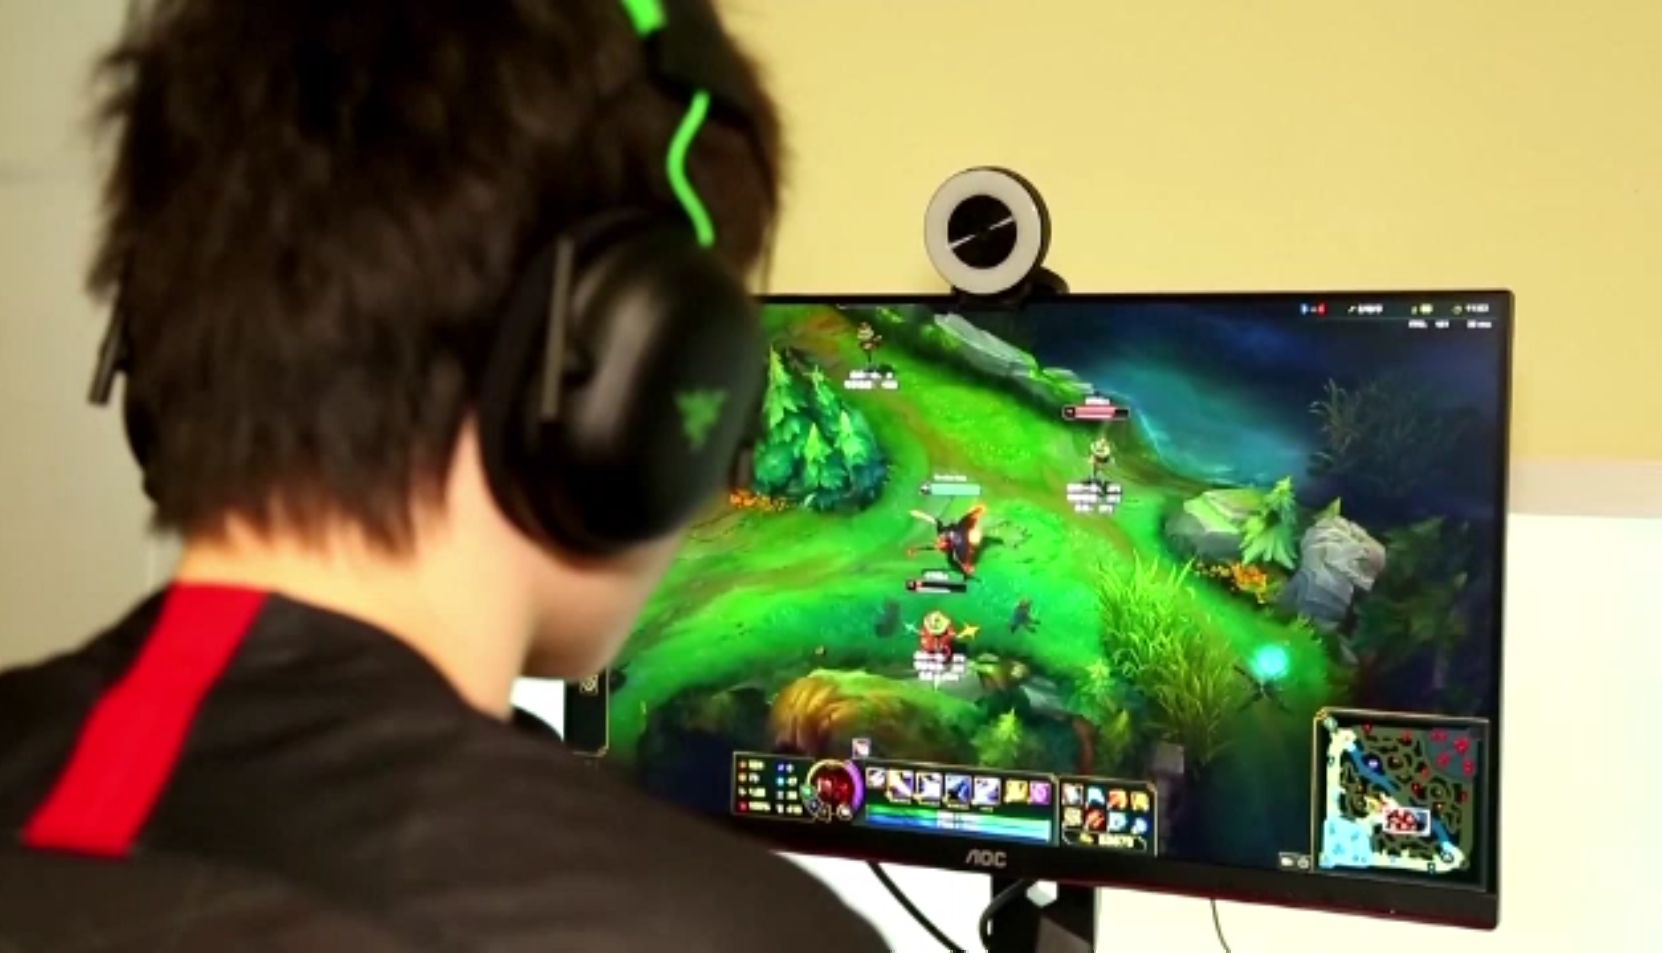 Adolescenții din China au primit interdicție la jocurile video. Au voie doar trei ore pe săptămână